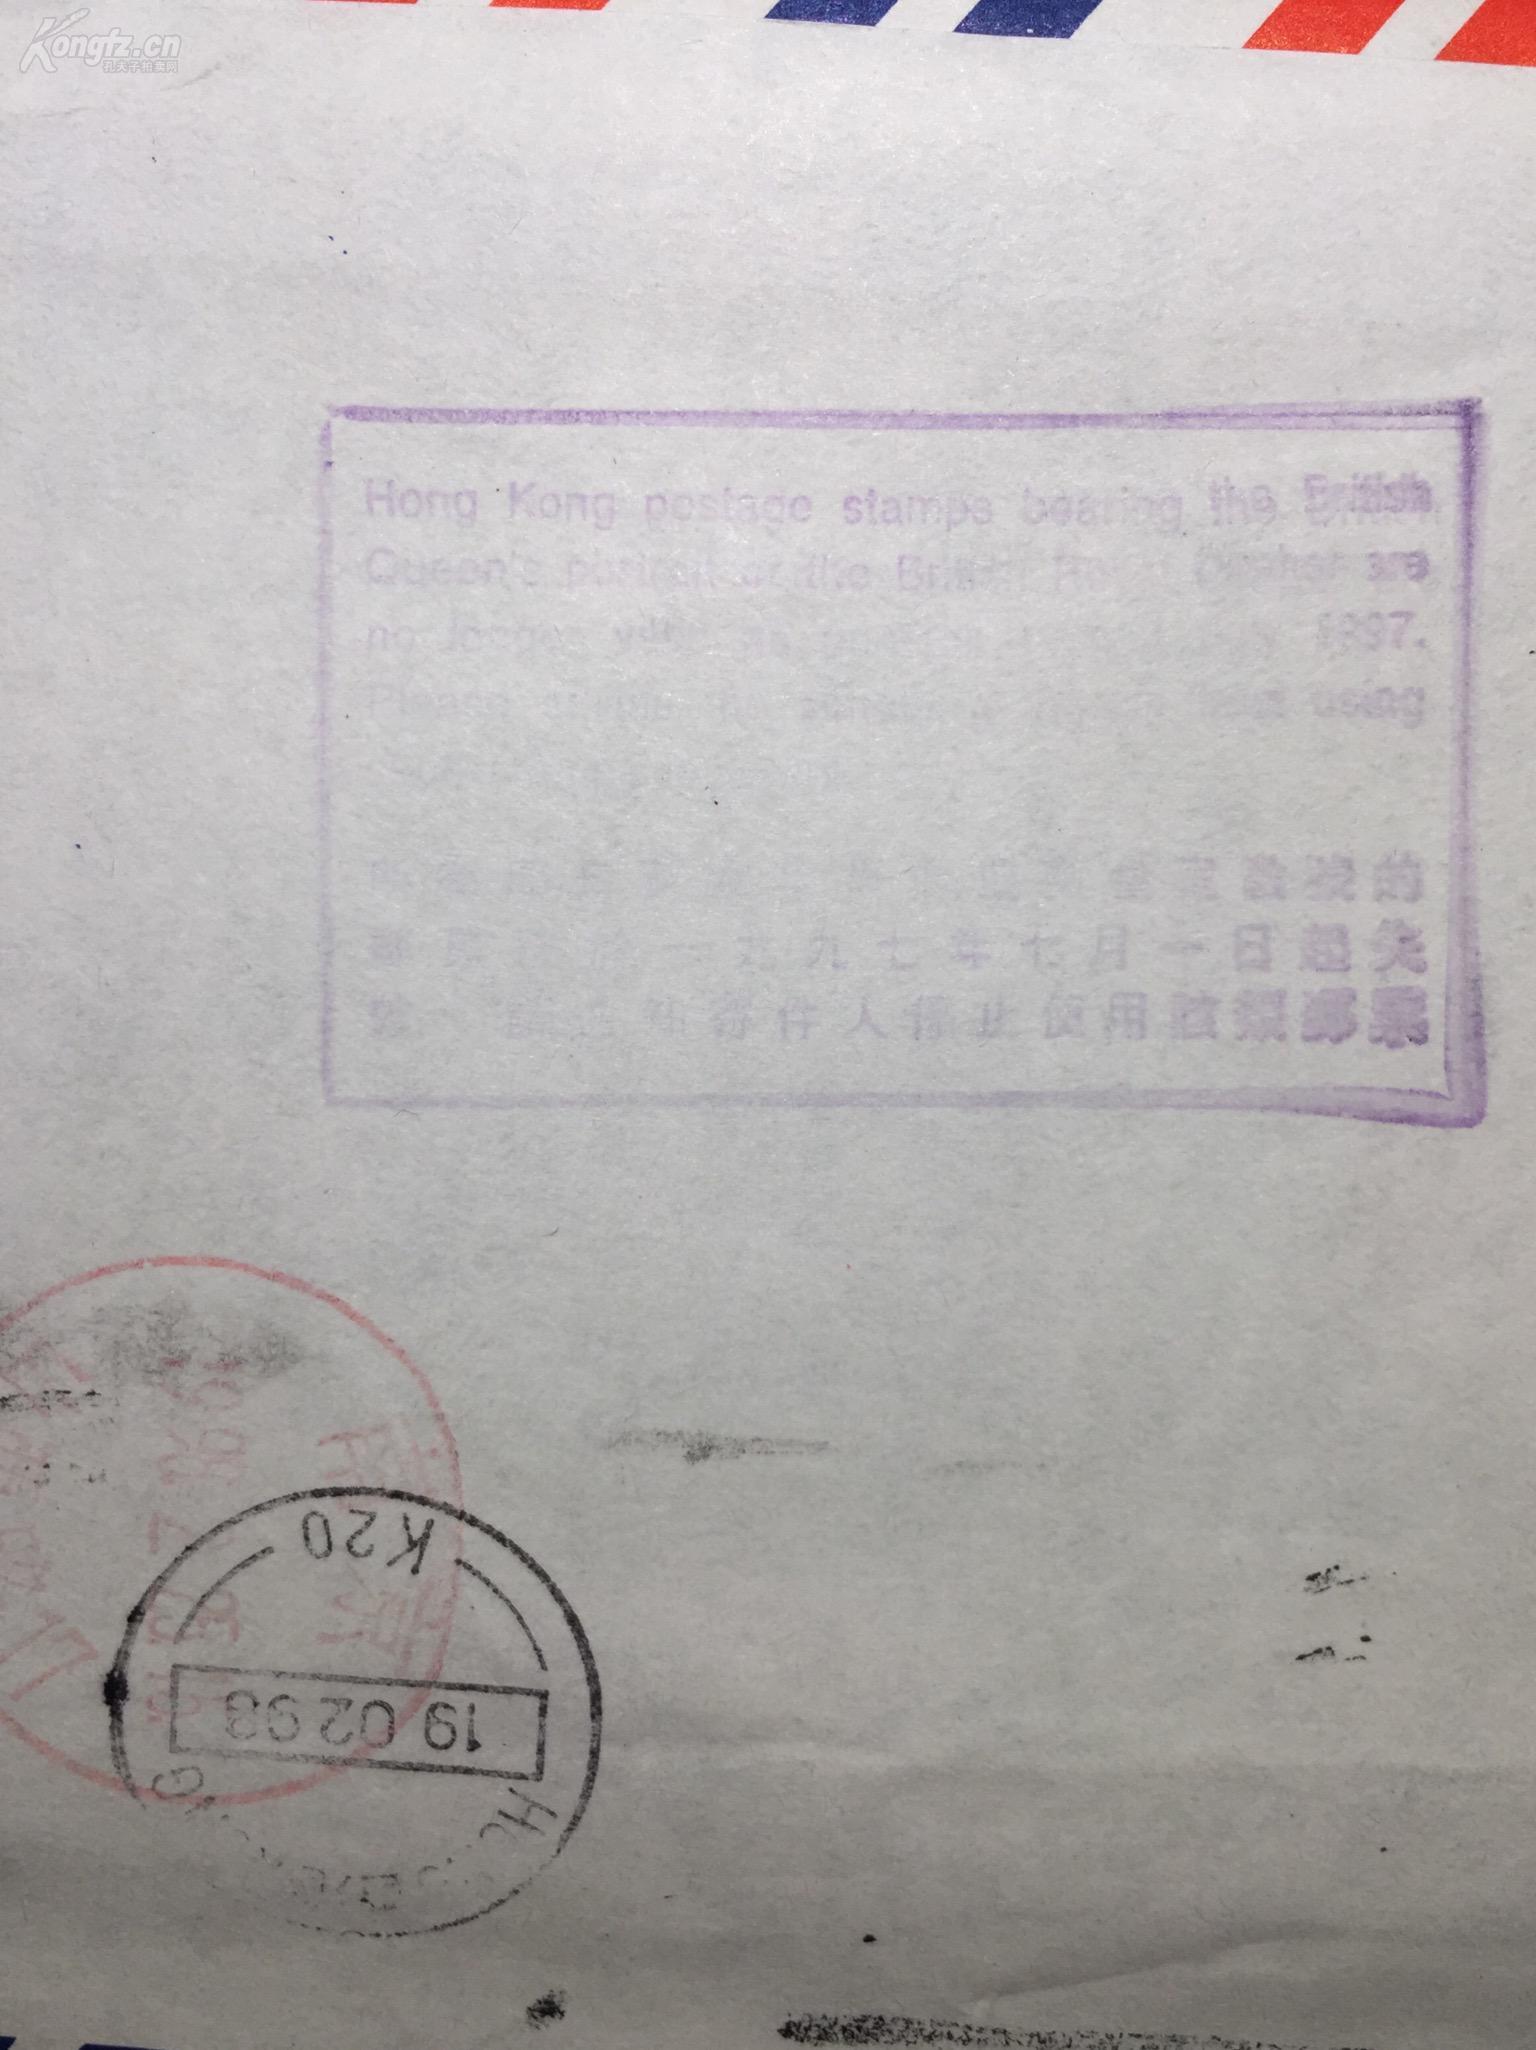 大陸往香港寫信的外殼格式怎么寫?~本人沒寫過信~~最好有樣本謝謝~~